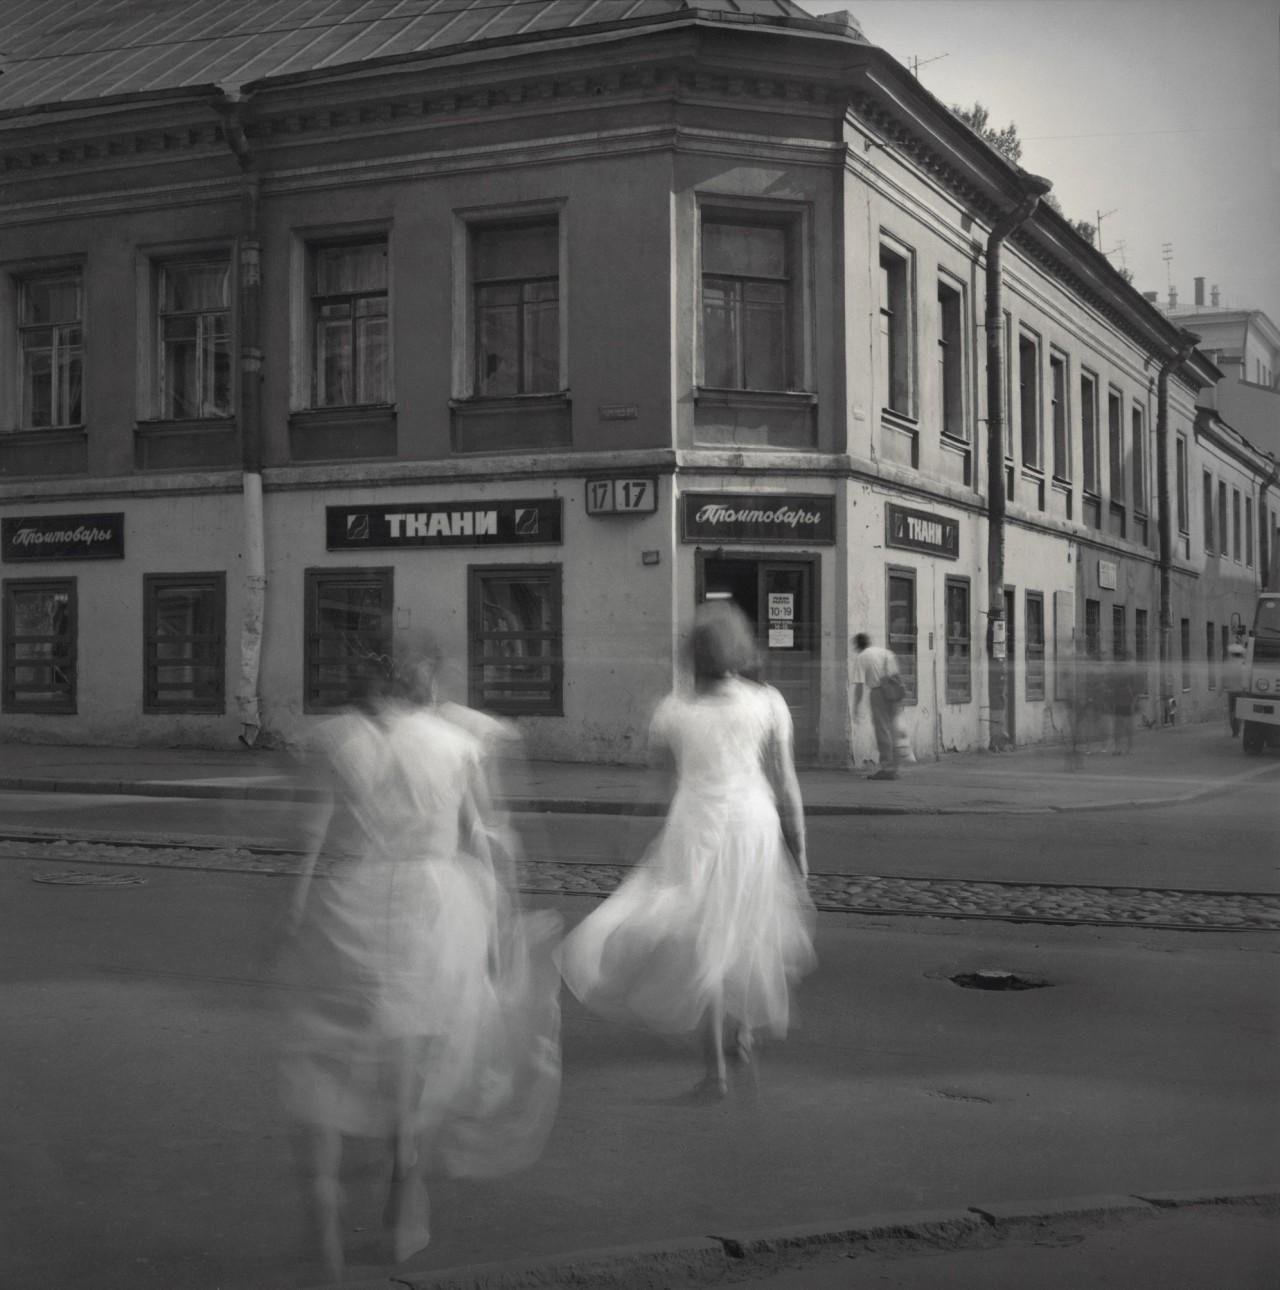 Белые платья, 1995. Чёрно-белая магия Санкт-Петербурга.  Фотограф Алексей Титаренко